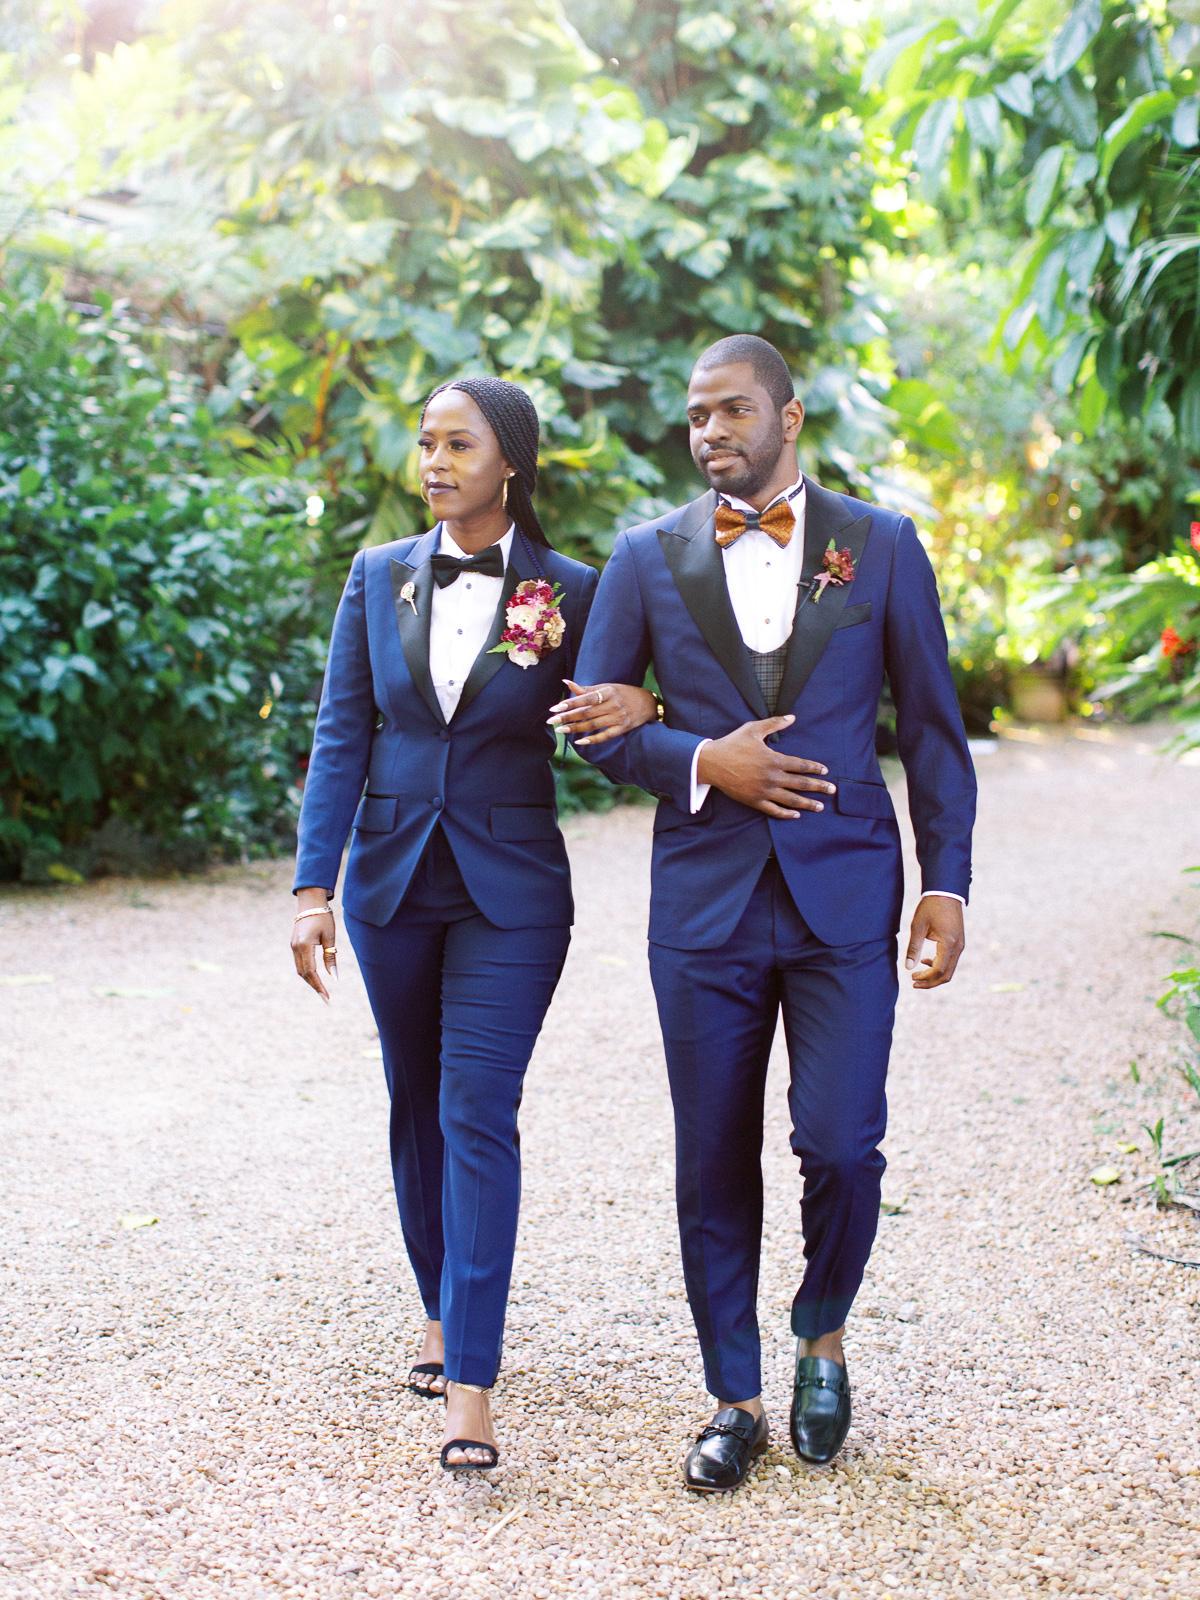 melissa lindsey wedding groomswoman and groom